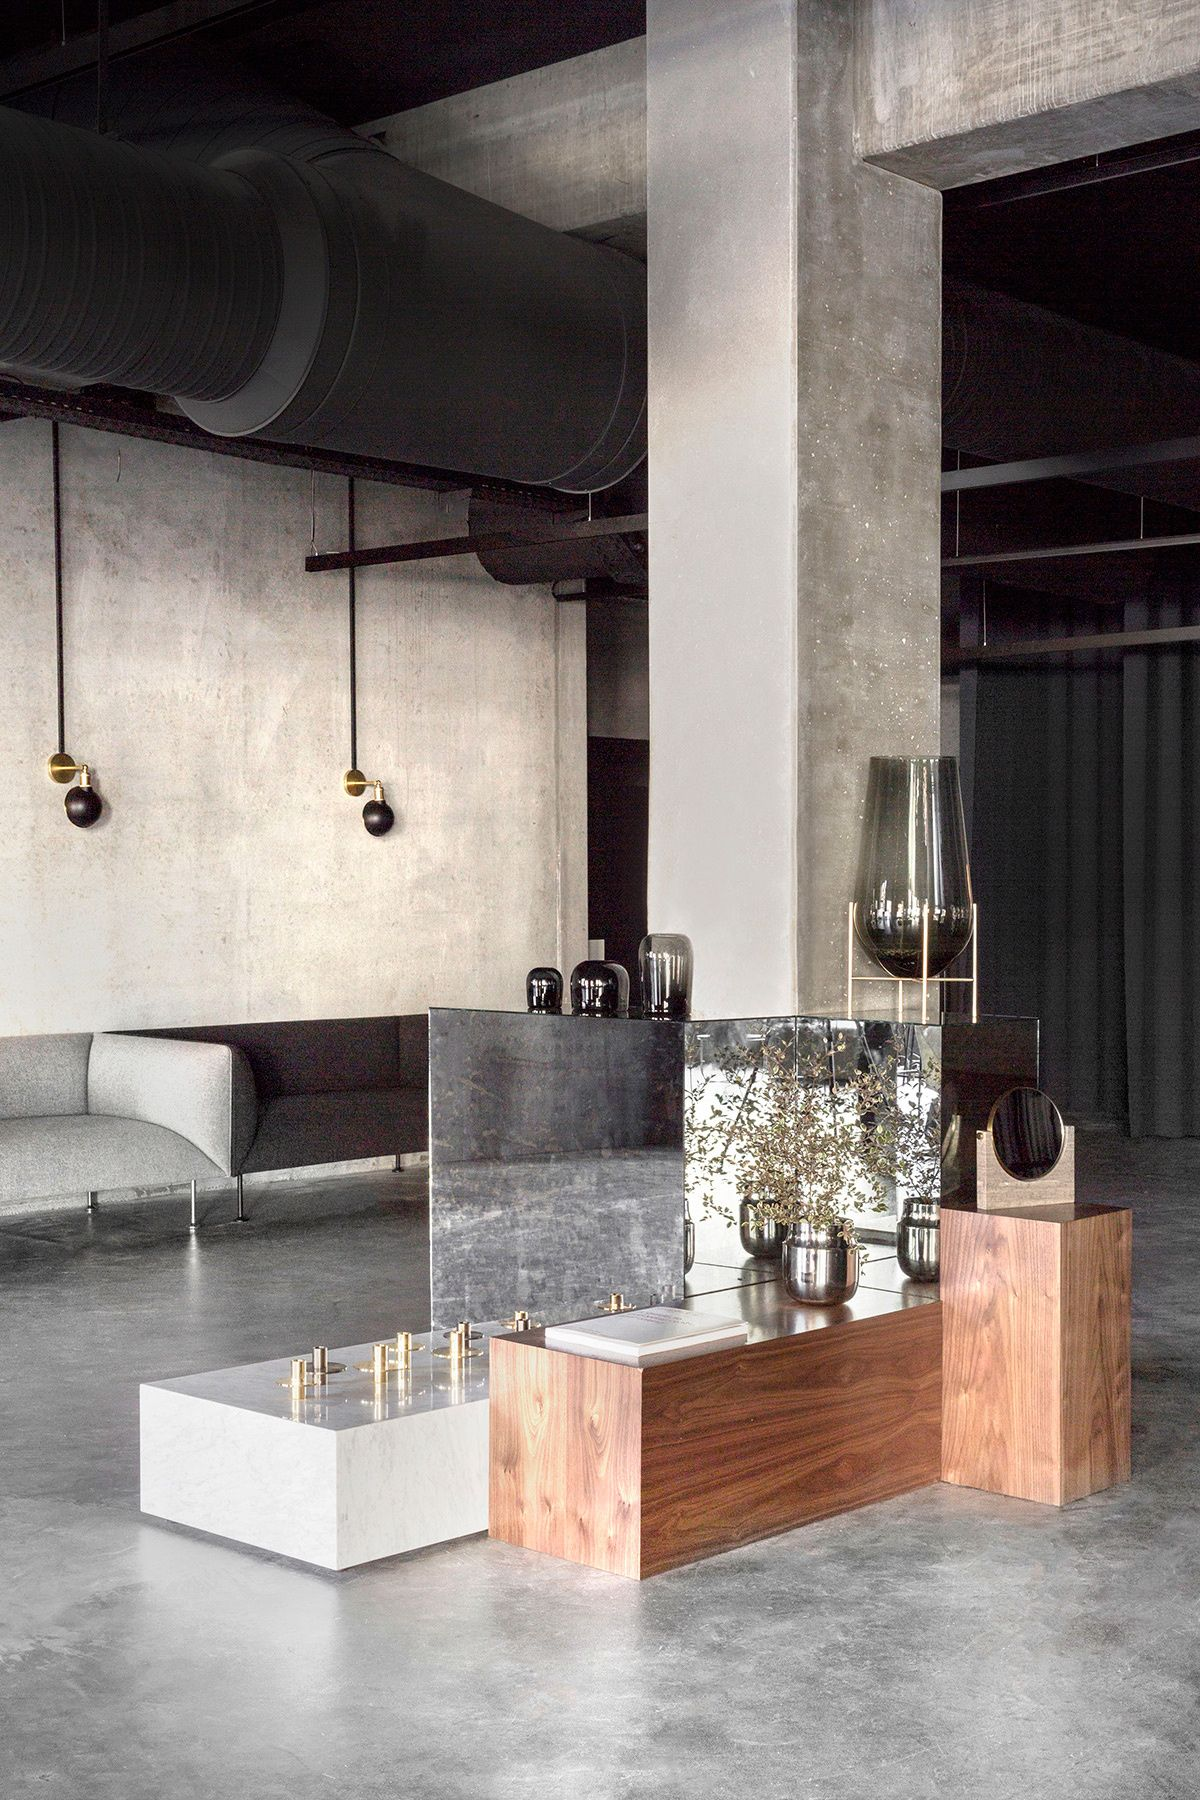 Encuentros Elegantes Ad Espa A Jonas Bjerre Poulsen Norm  # Muebles Hoteles Venta